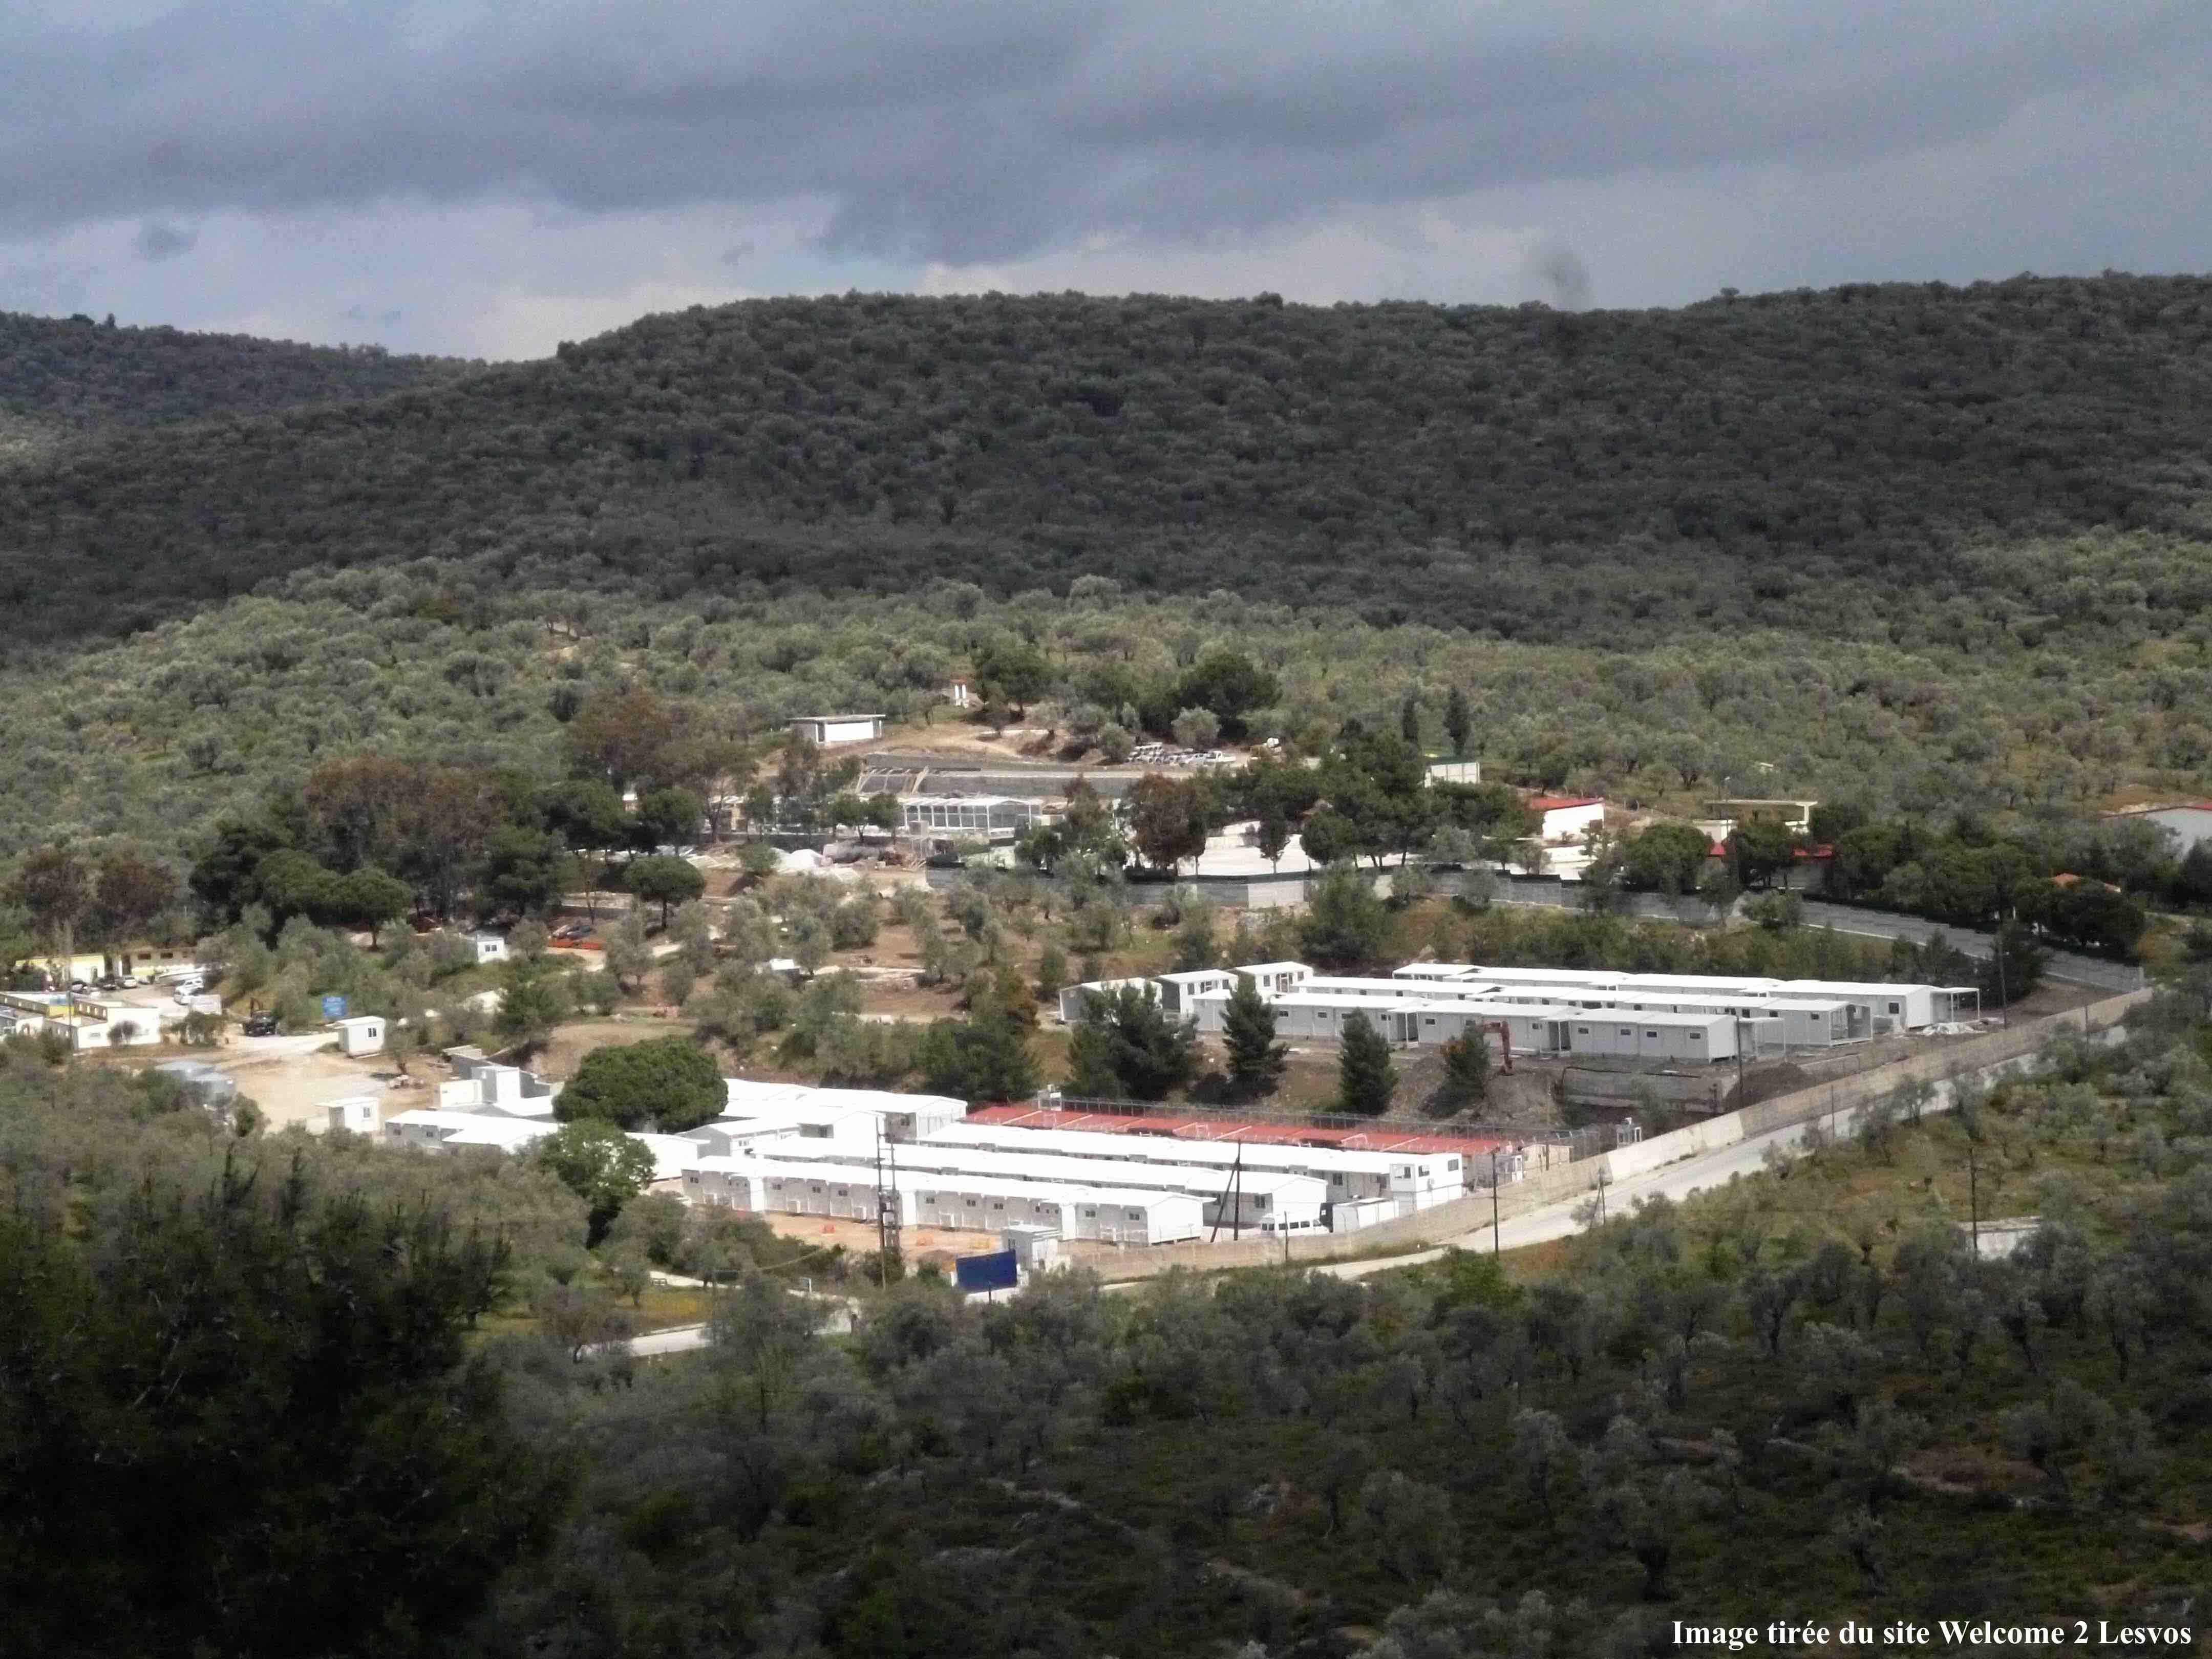 13. Le centre de Moria, à Lesbos, en juin 2014 (image tirée du site Welcome2Lesvos, droits réservés)